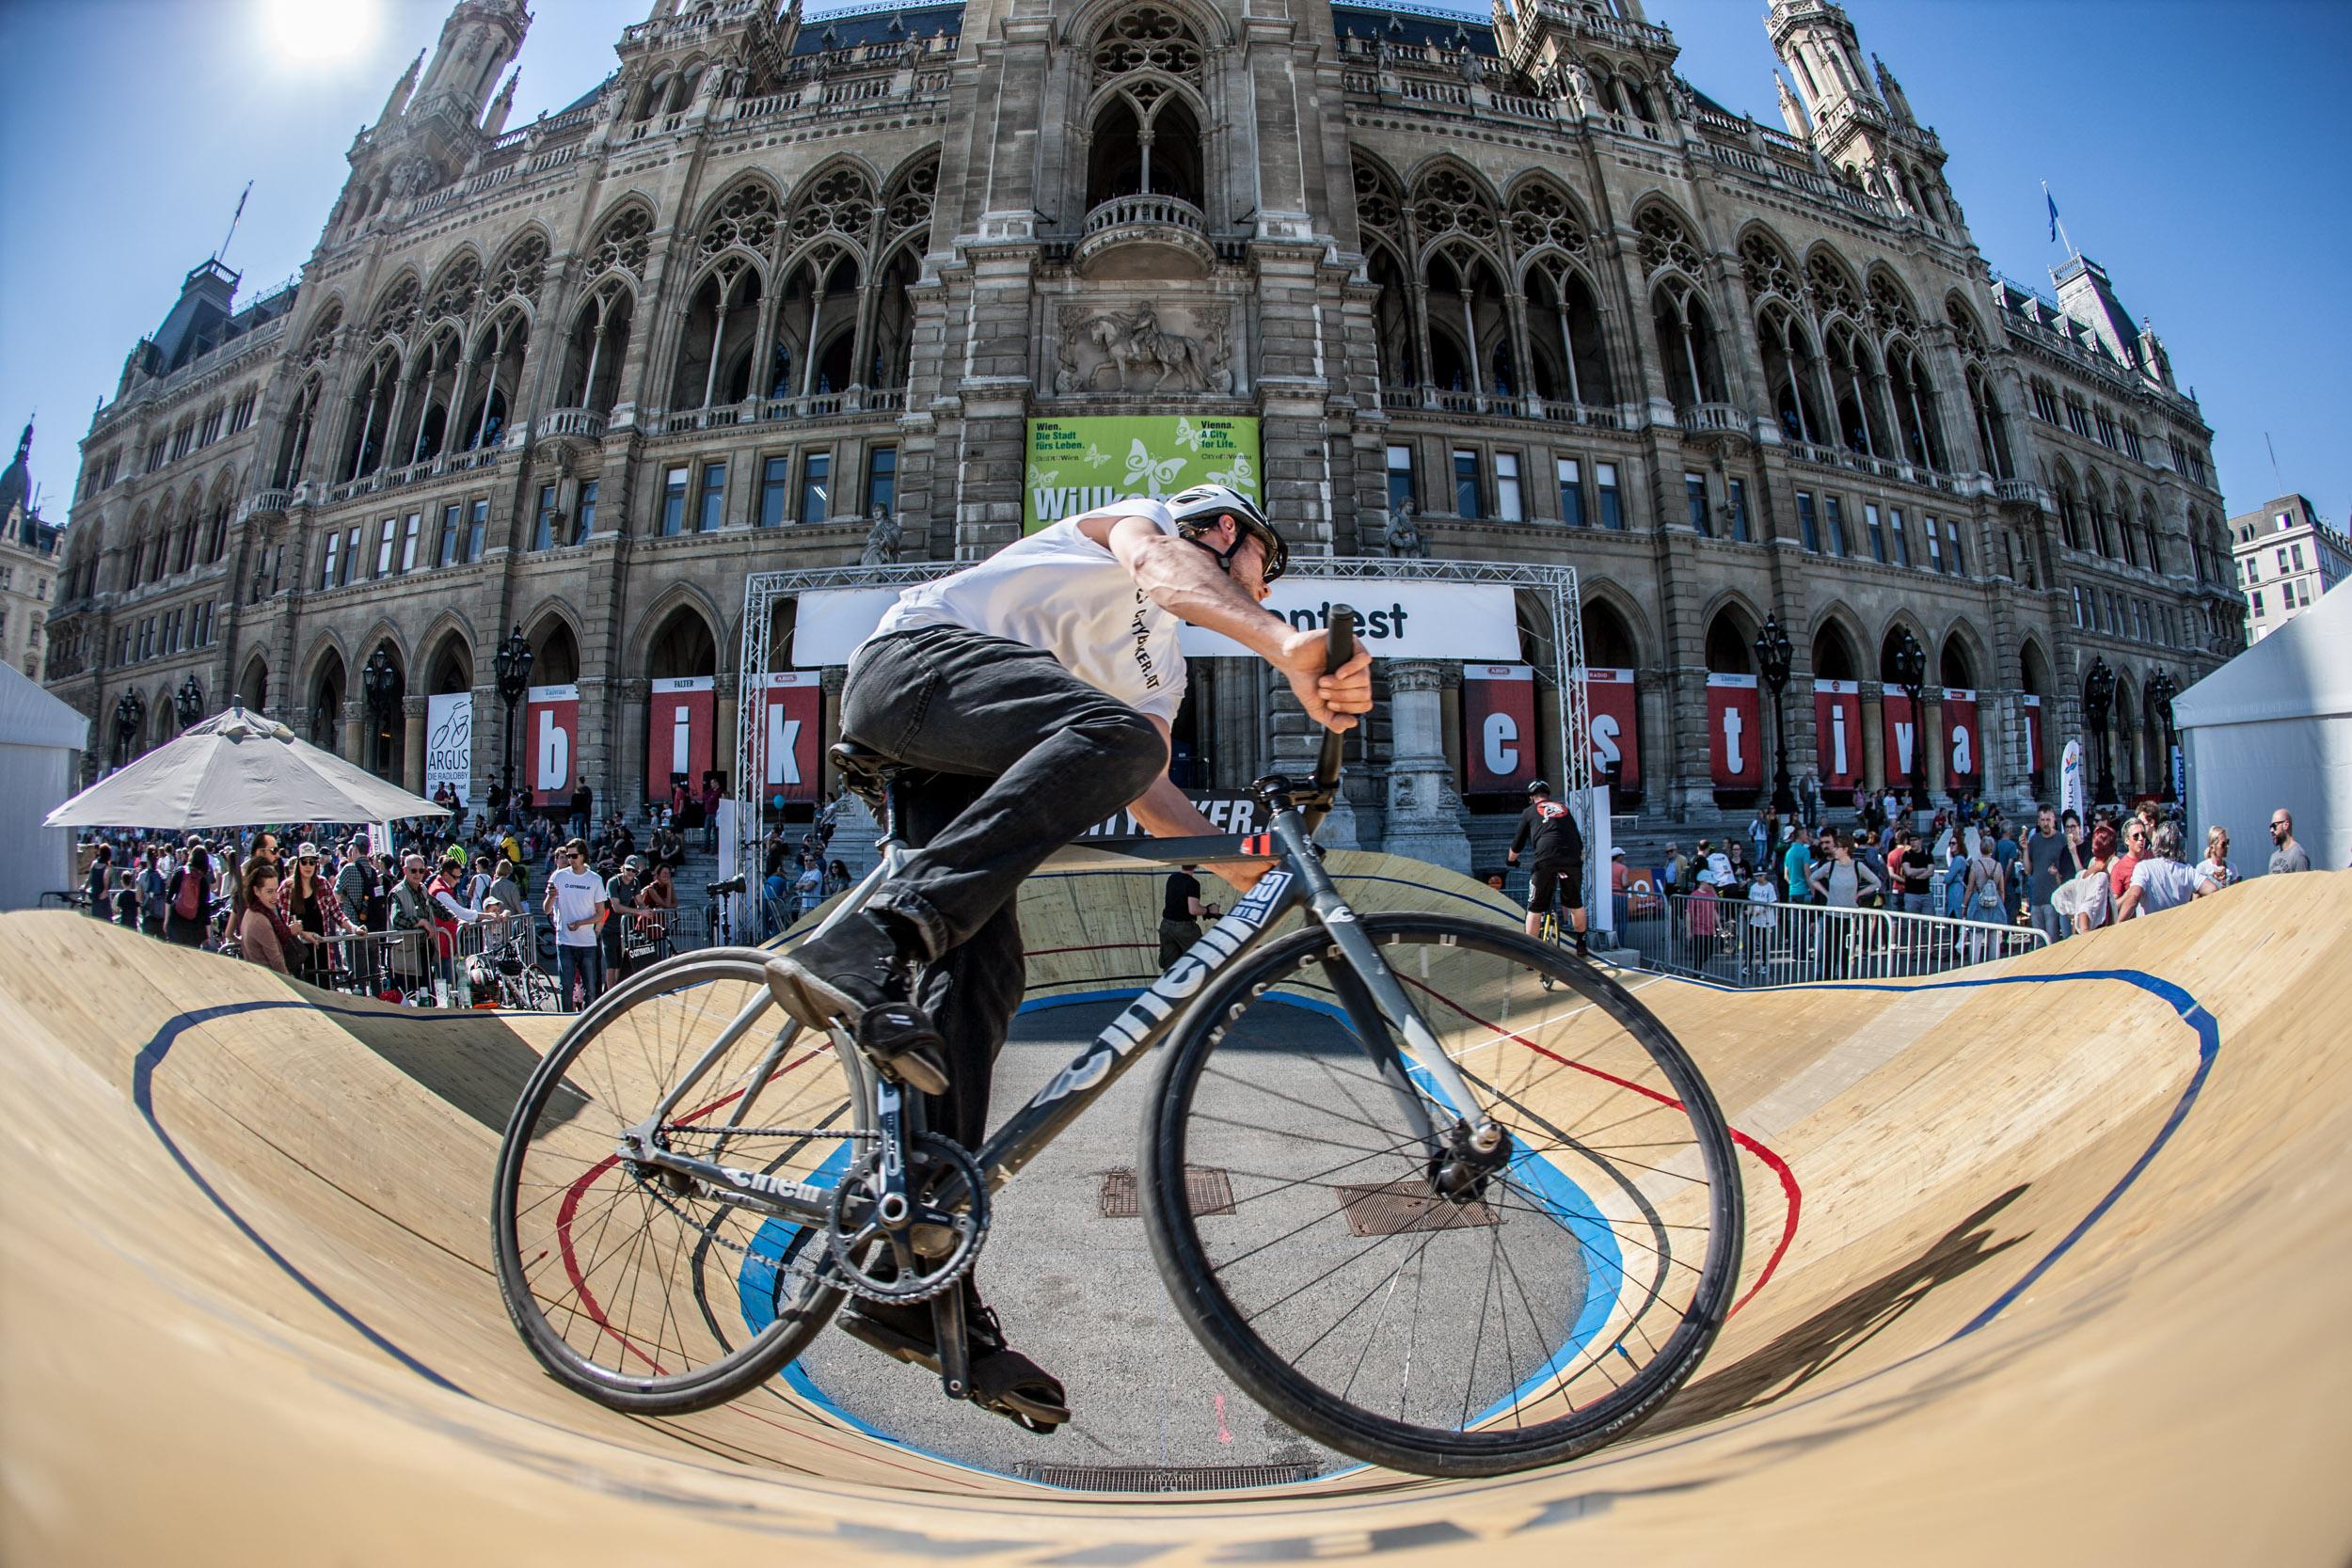 Heuer neu und alsbald vielbeachtet: das Minidrome, eine nur 40 Meter kurze Radrennbahn aus Holz. Vom Festival-Veranstalter selbst gebaut und außer in Wien nur drei weitere Male auf der Welt zu finden, brauchte es Überwindung und Geschick, um mit Bahnrädern - also ohne Freilauf - in dem engen Oval zu bestehen.